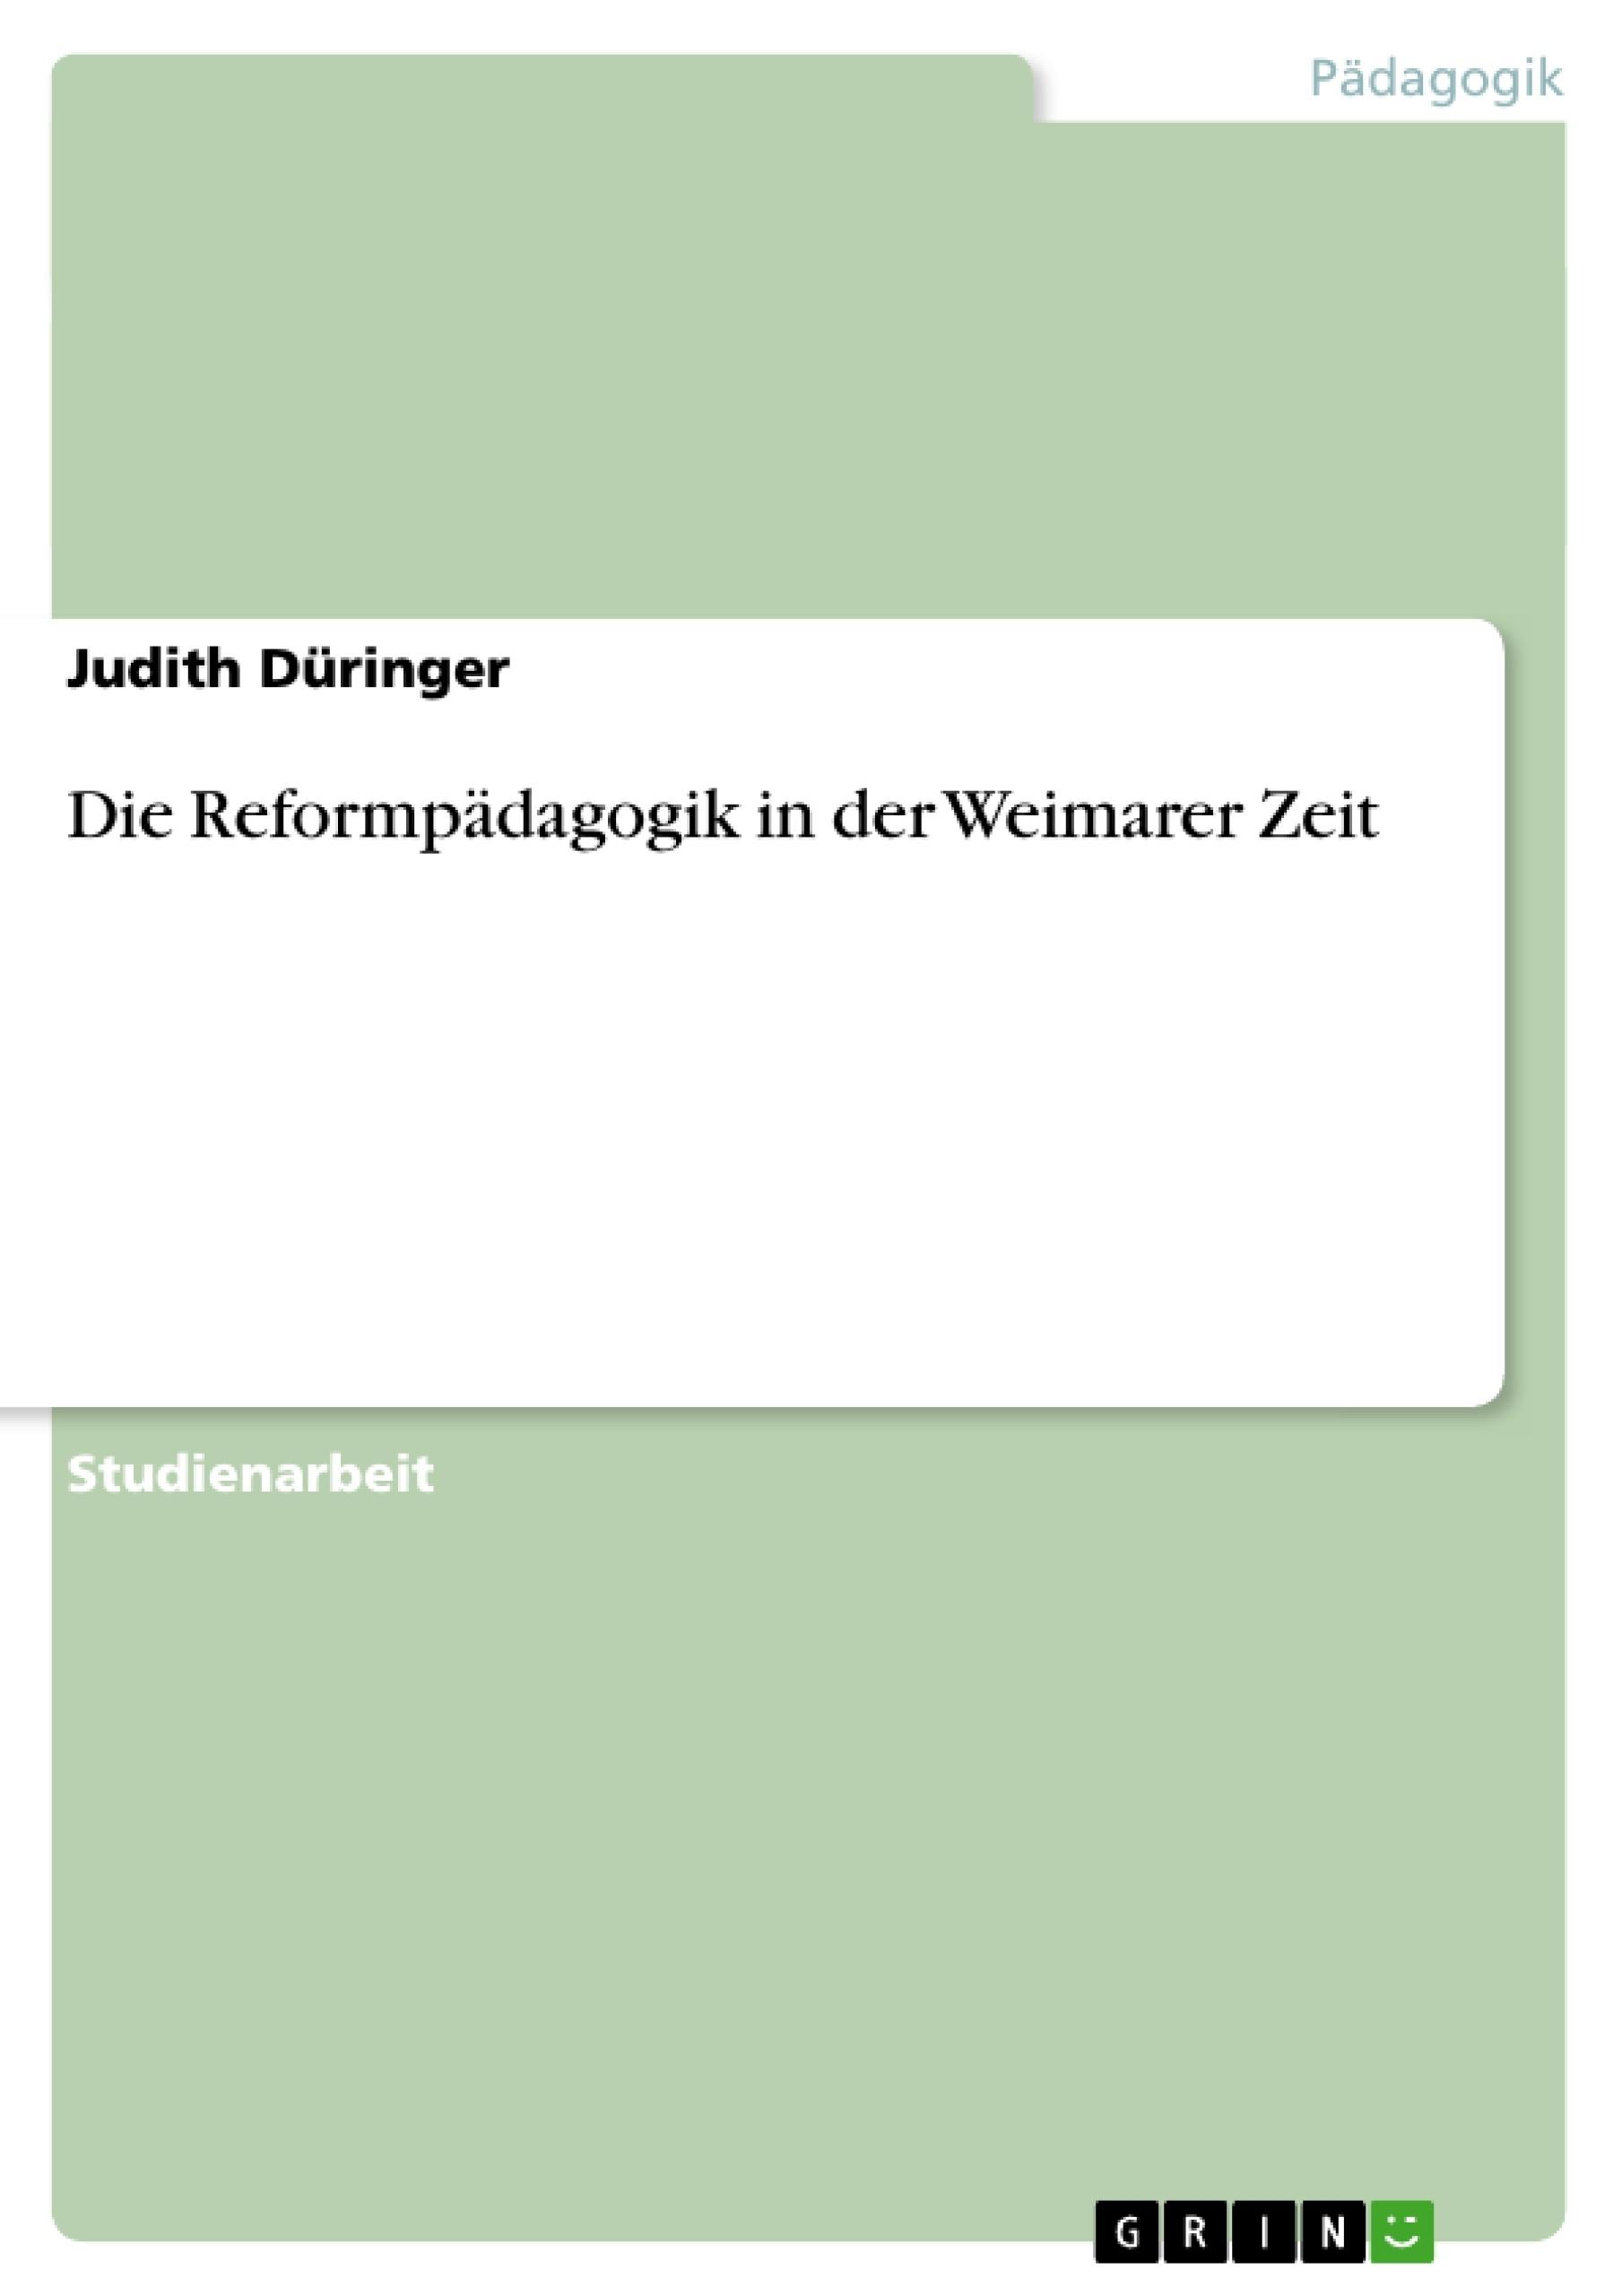 Titel: Die Reformpädagogik in der Weimarer Zeit